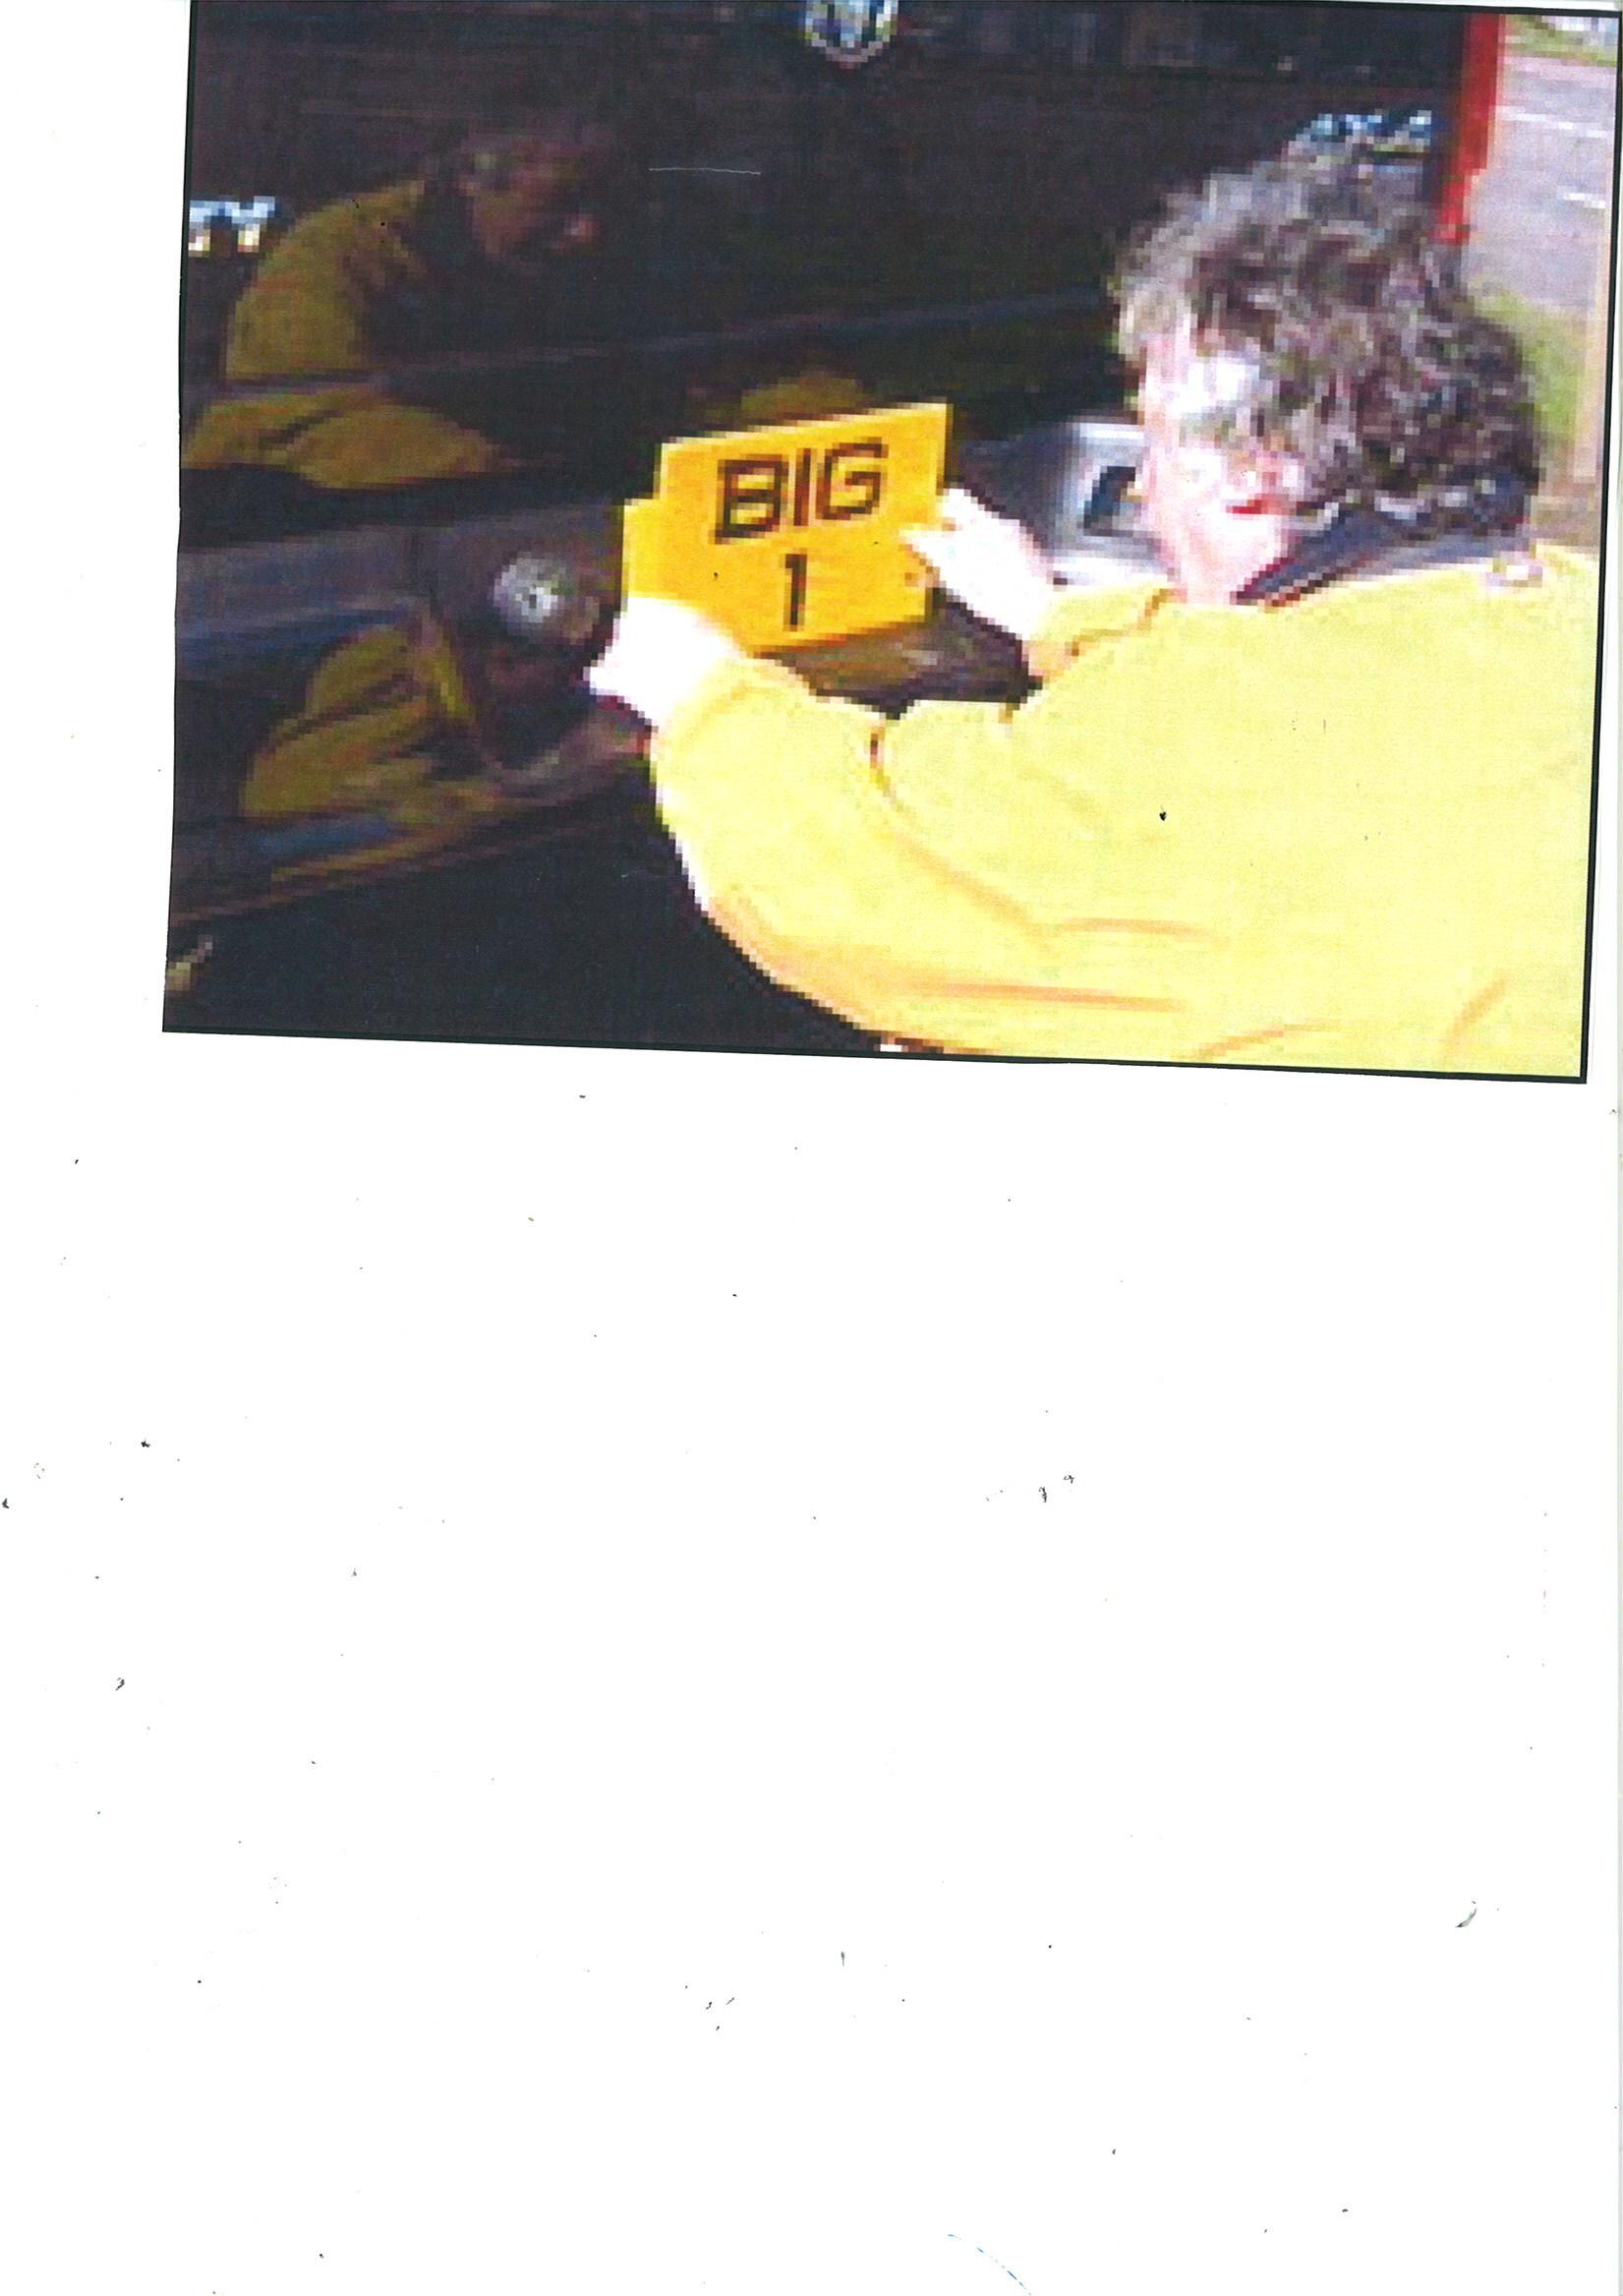 Mr BIG 1